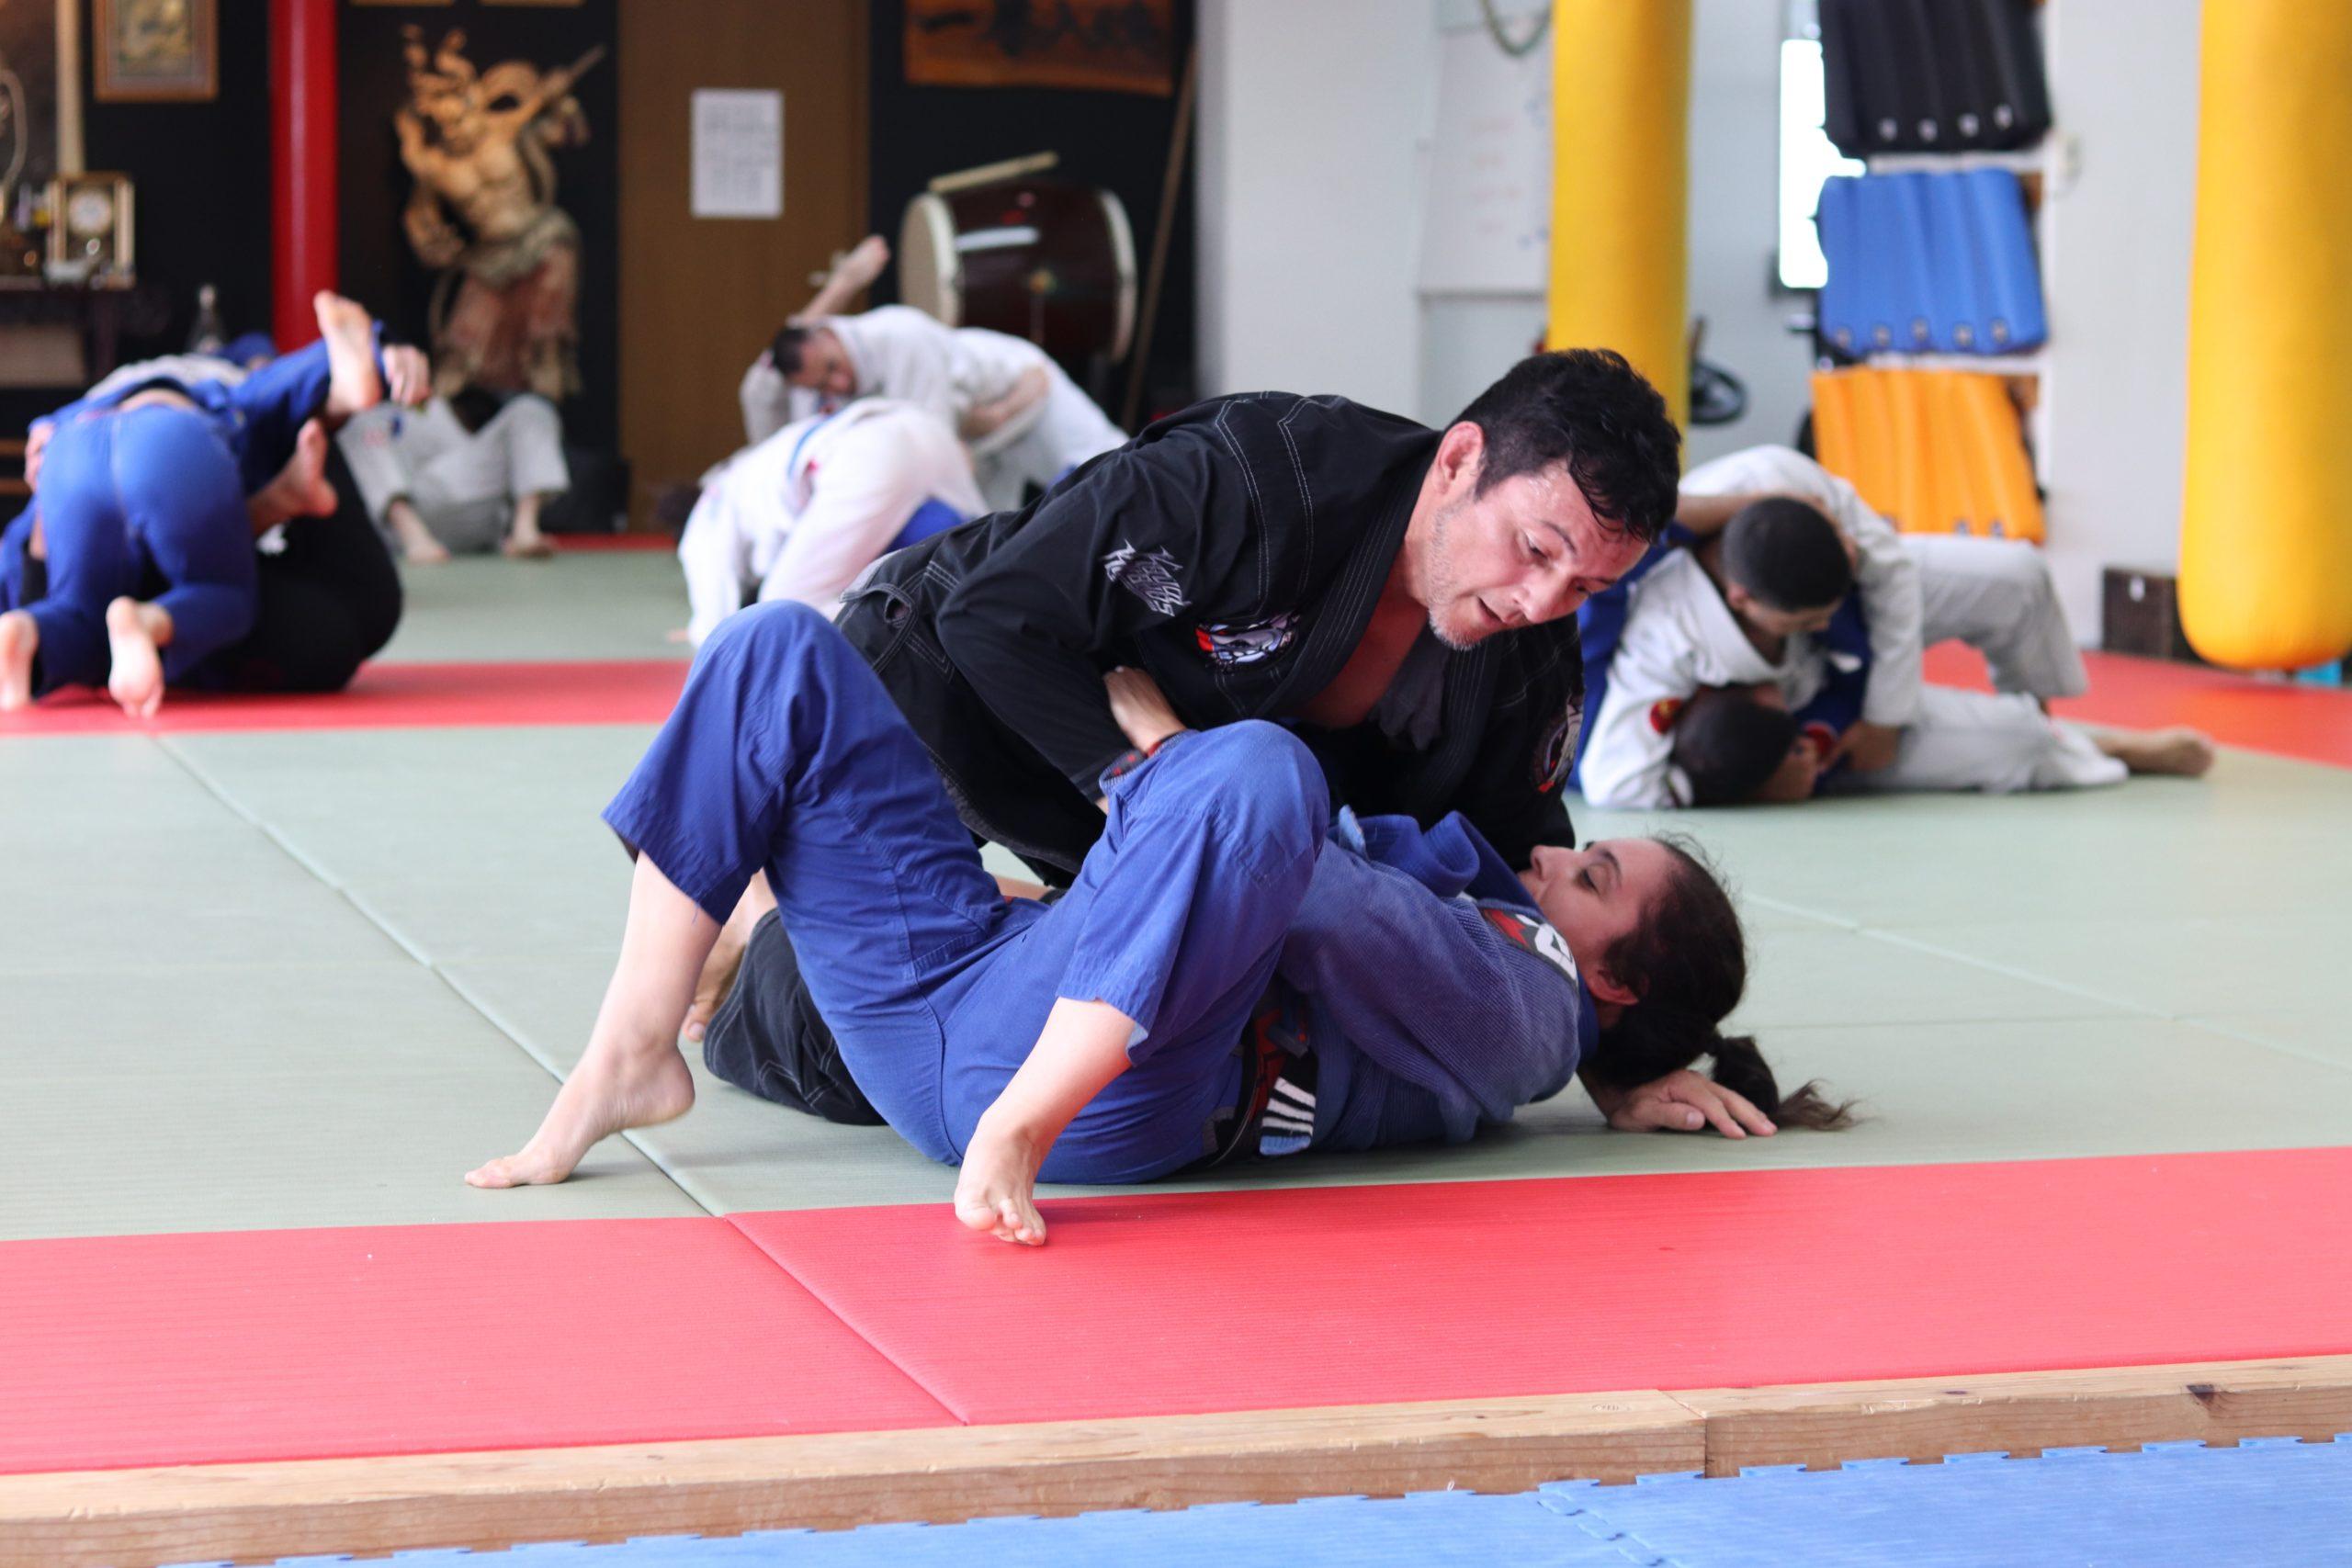 Ways of Practicing Jiu-Jitsu at Home